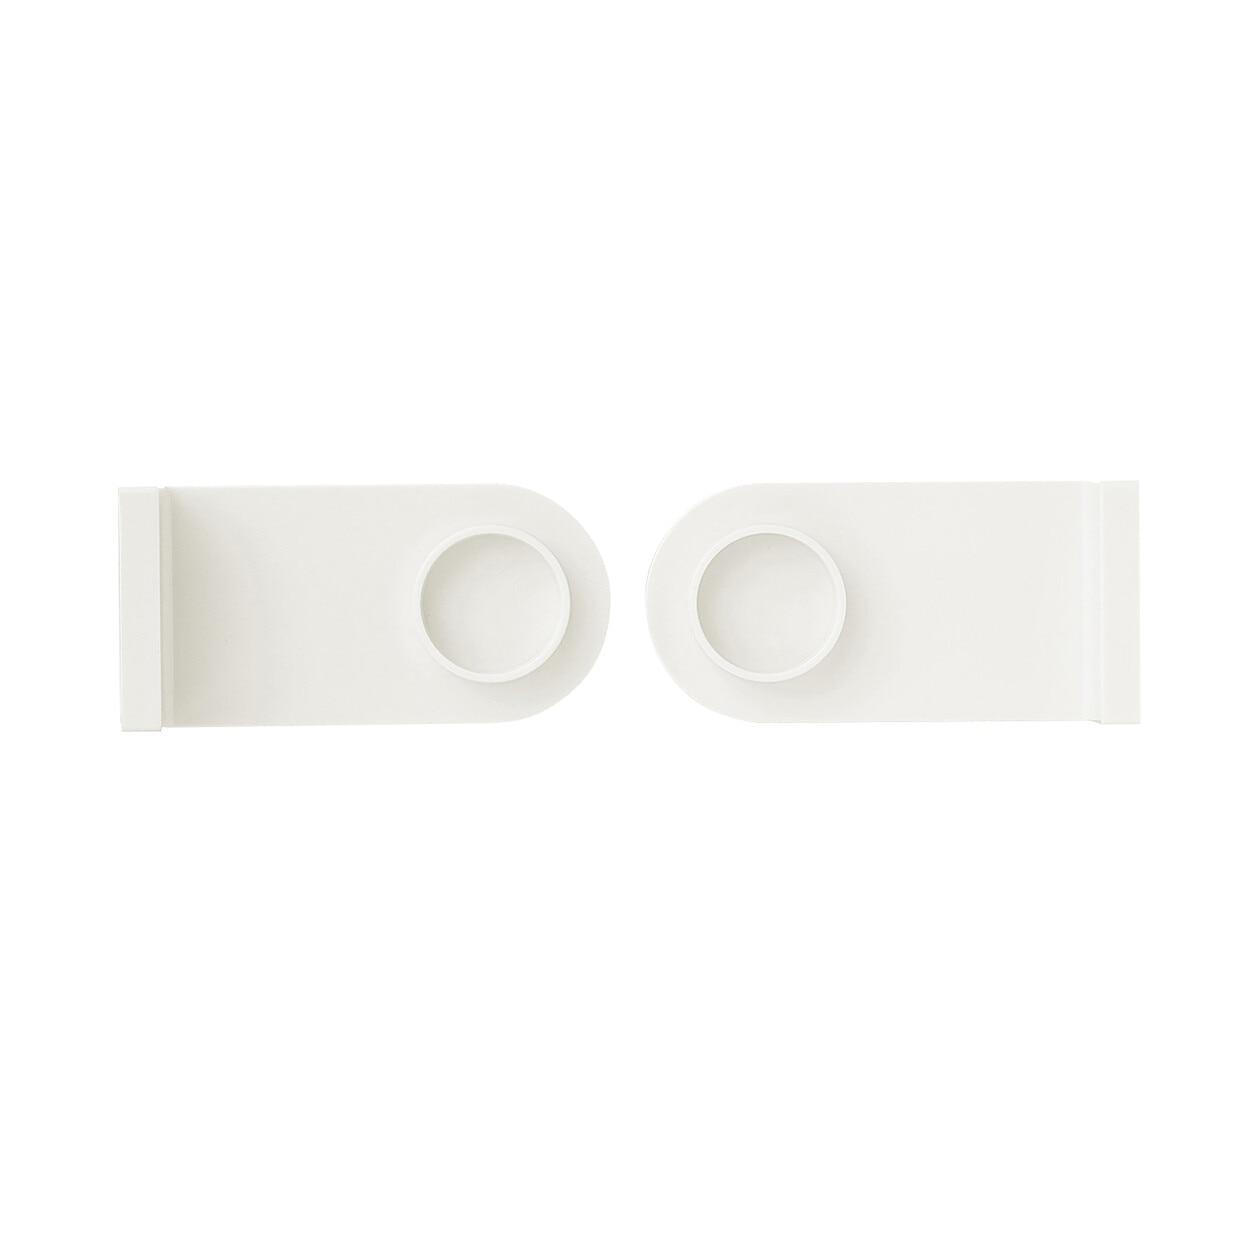 RoomClip商品情報 - ABSキッチンペーパーホルダー